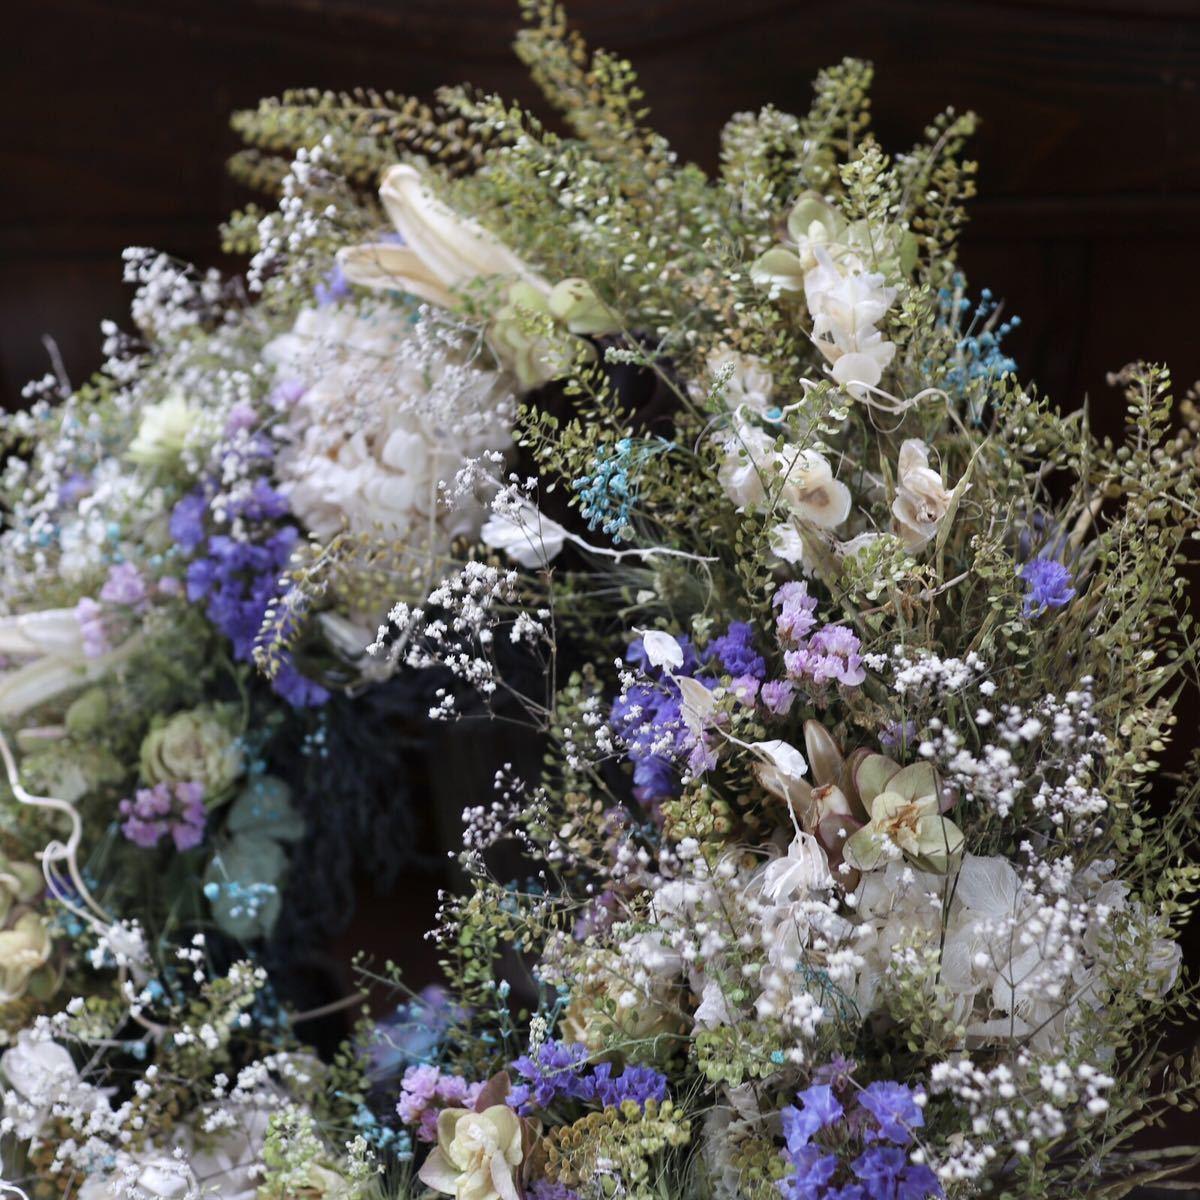 *kashun* L(38cm マメグンバイナズナとカラフルな小花のボリュームリース/ドライフラワー/プレゼント/新築祝い/開店祝い/誕生日プレゼント_画像5